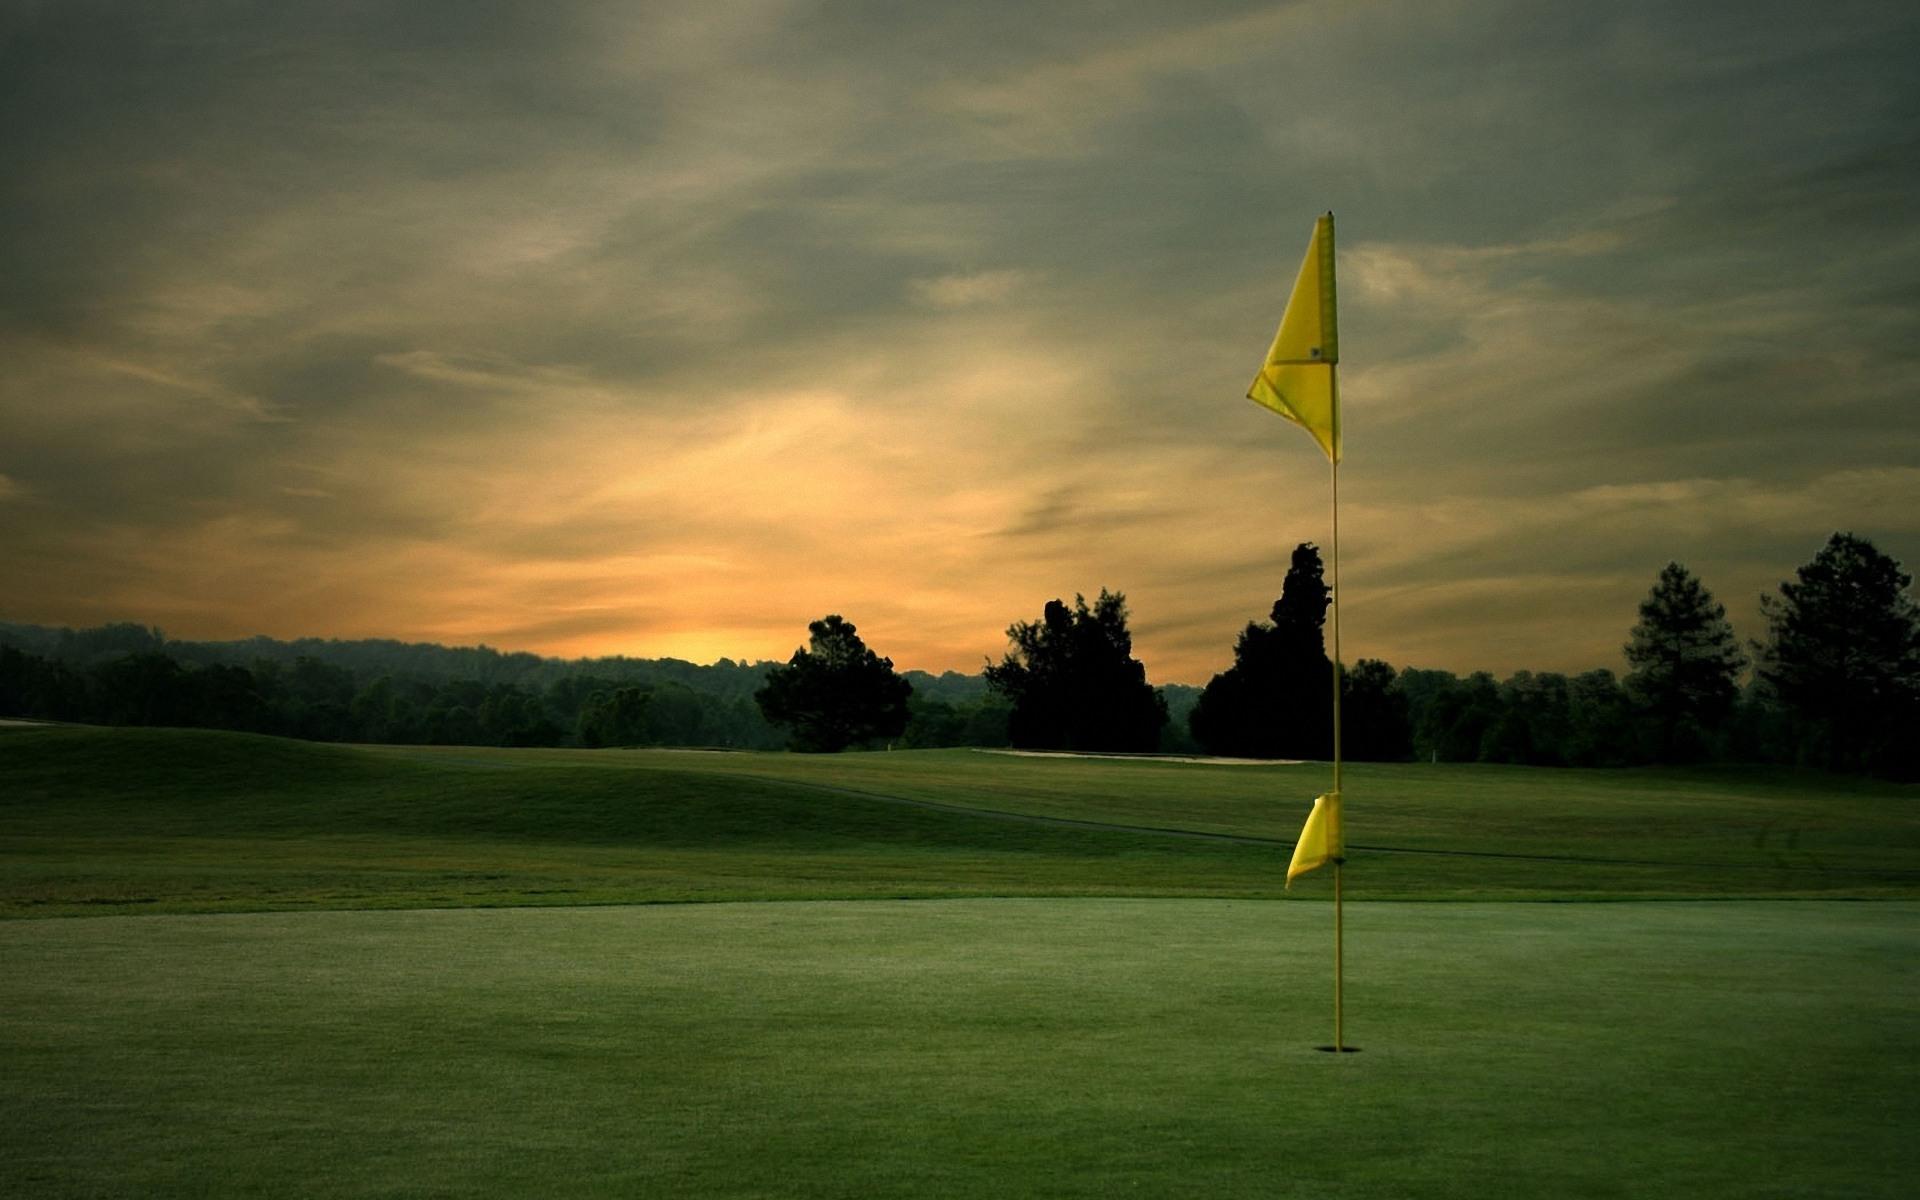 golf course desktop wallpaper 62629 1920x1200 px